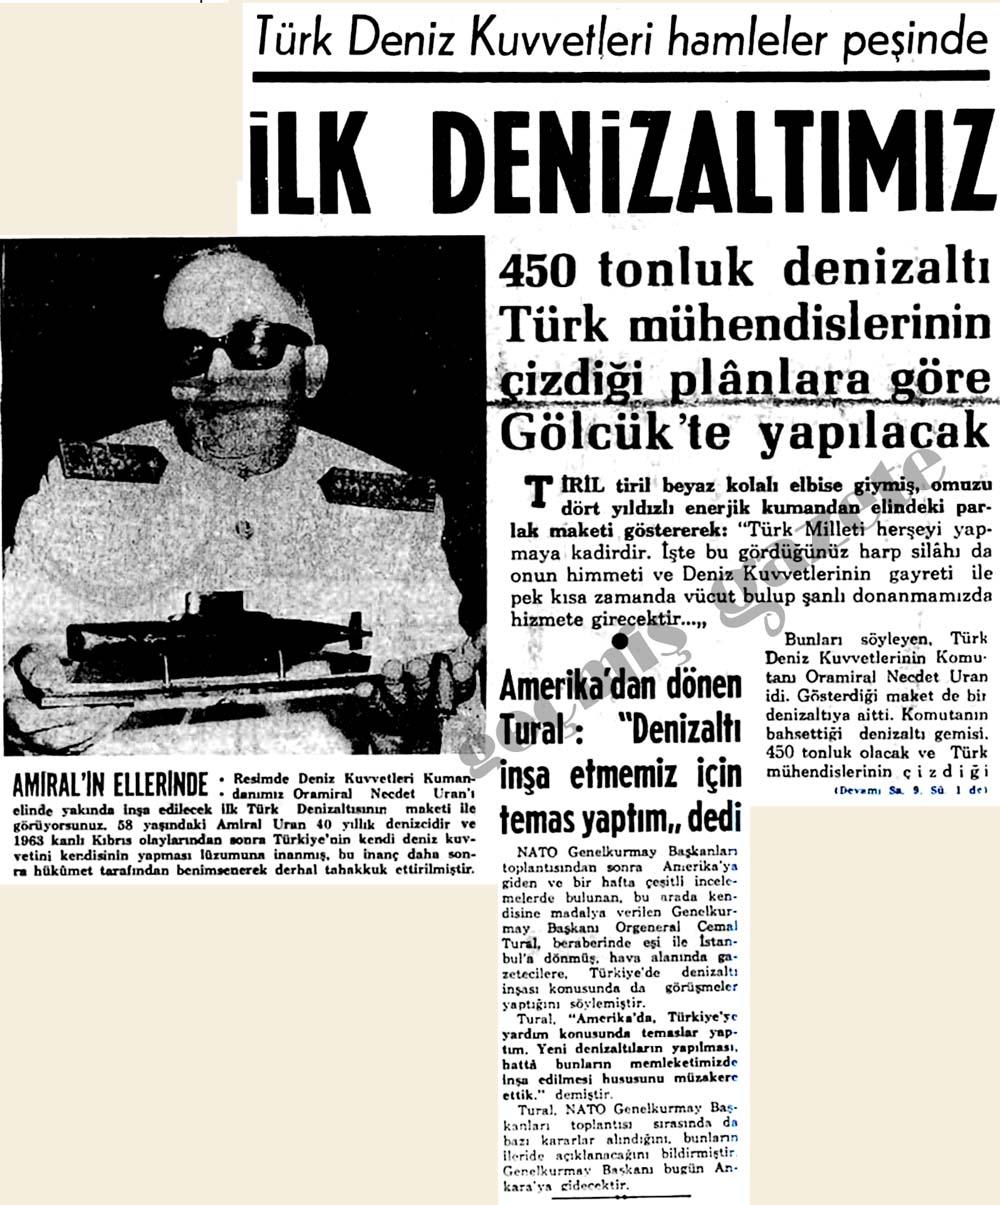 Türk Deniz Kuvvetleri hamleler peşinde: İlk Denizaltımız